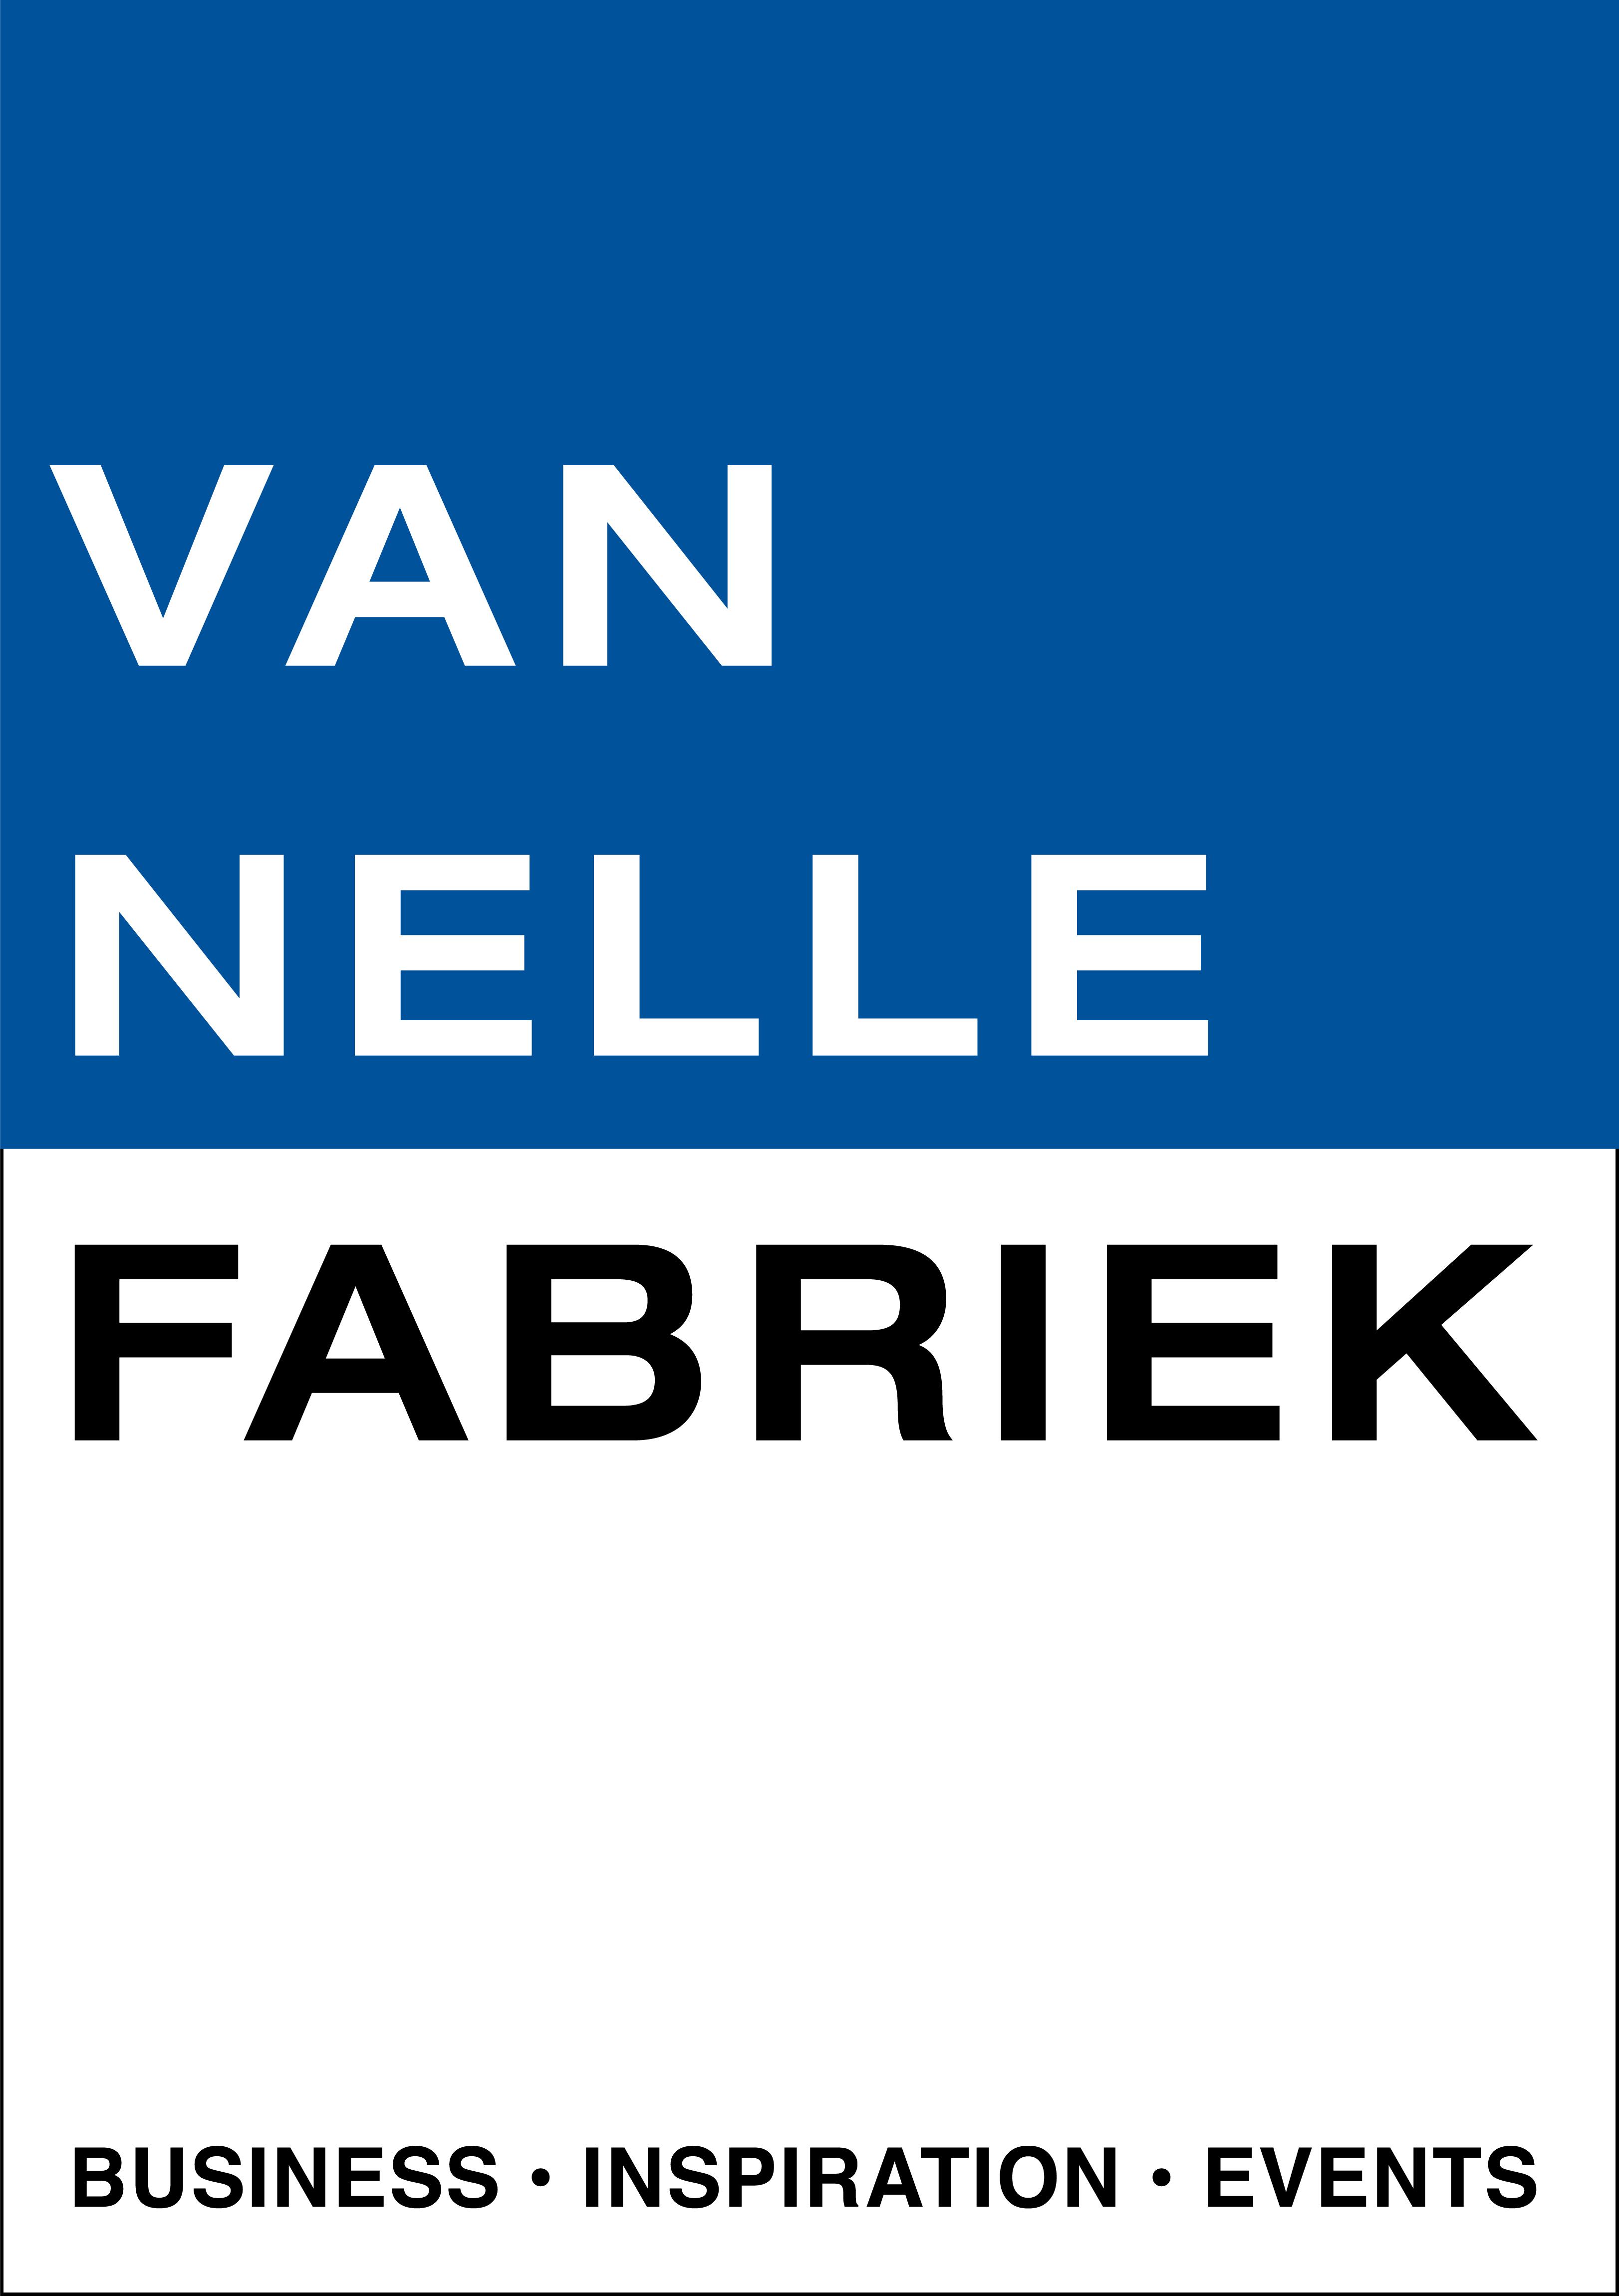 Van Nelle Fabriek - Bereikbaar, centraal gelegen, direct aan de snelweg, parkeergelegenheid op eigen terrein, van 16 tot en met 7000 personen, Unesco werelderfgoed.